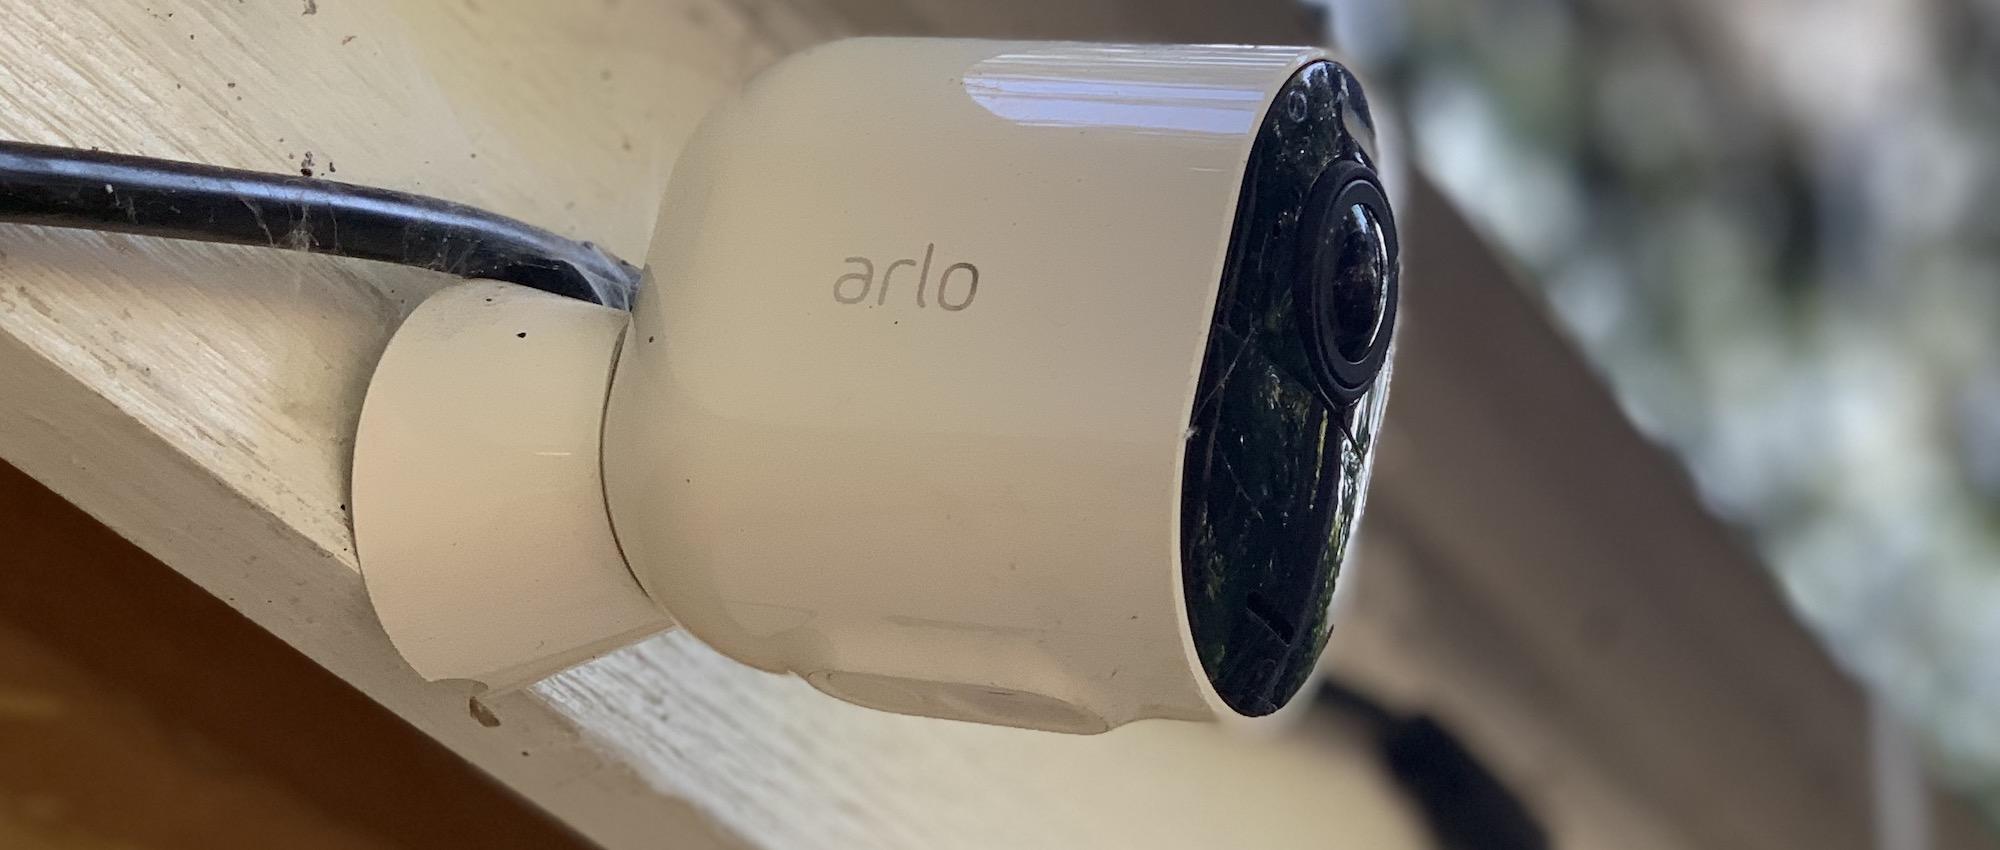 Arlo Ultra